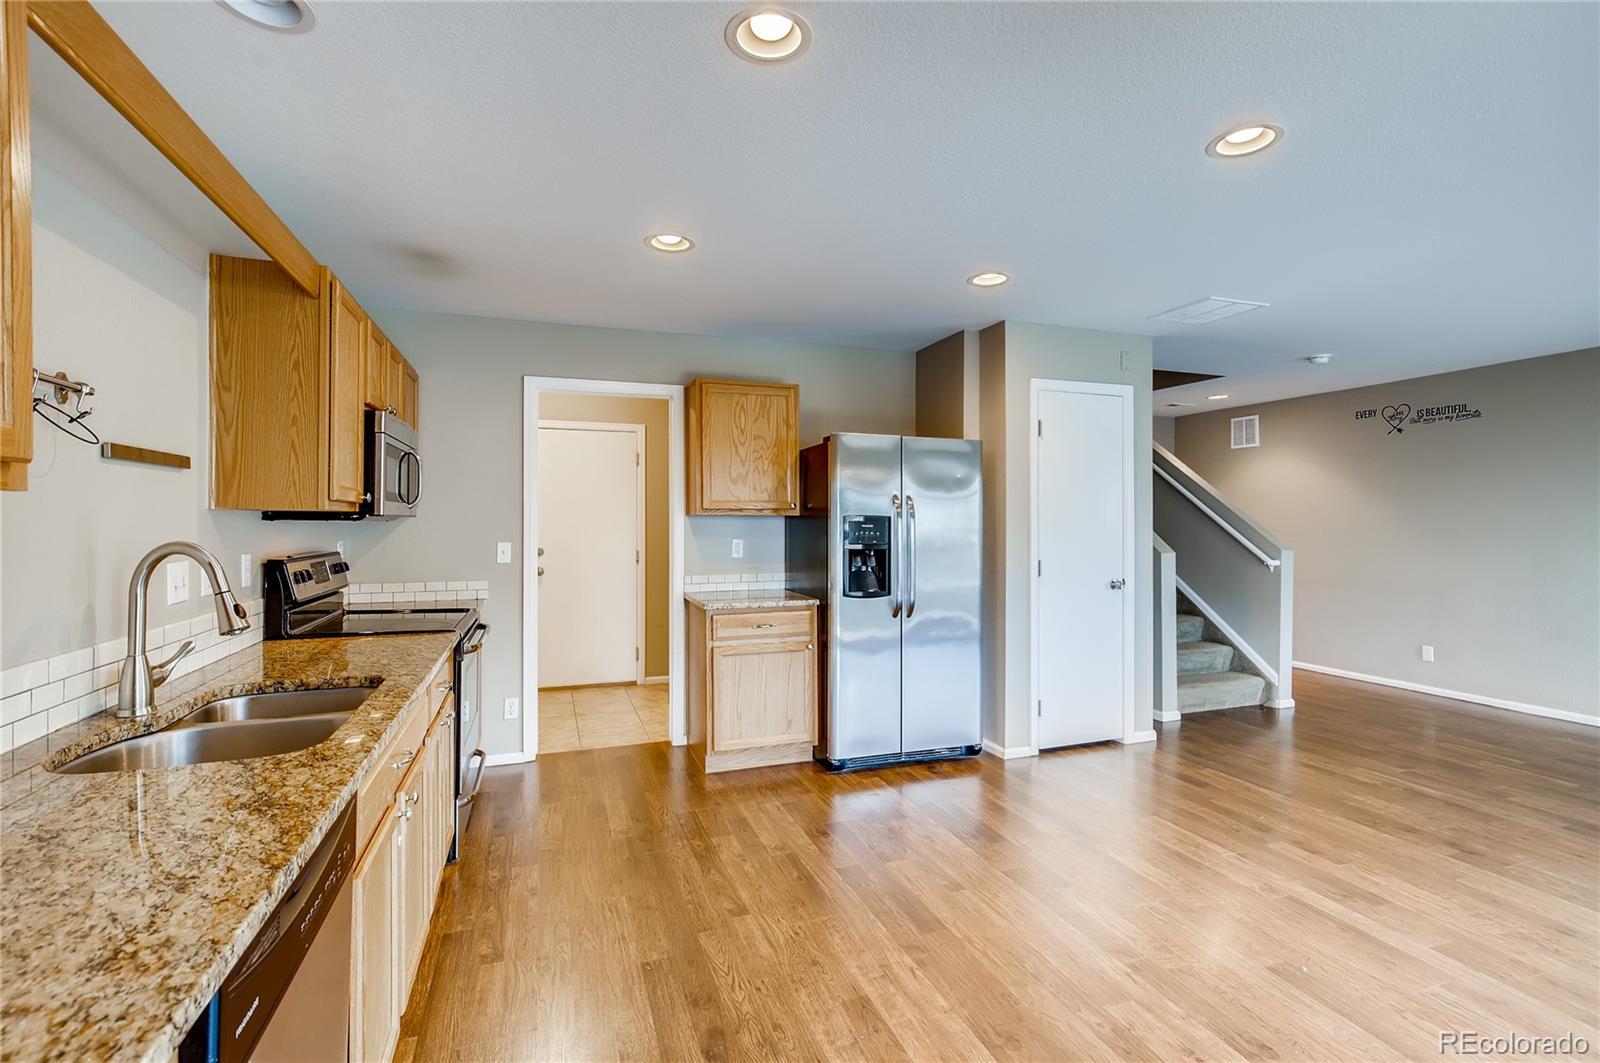 MLS# 6875065 - 8 - 5933 Turnstone Place, Castle Rock, CO 80104